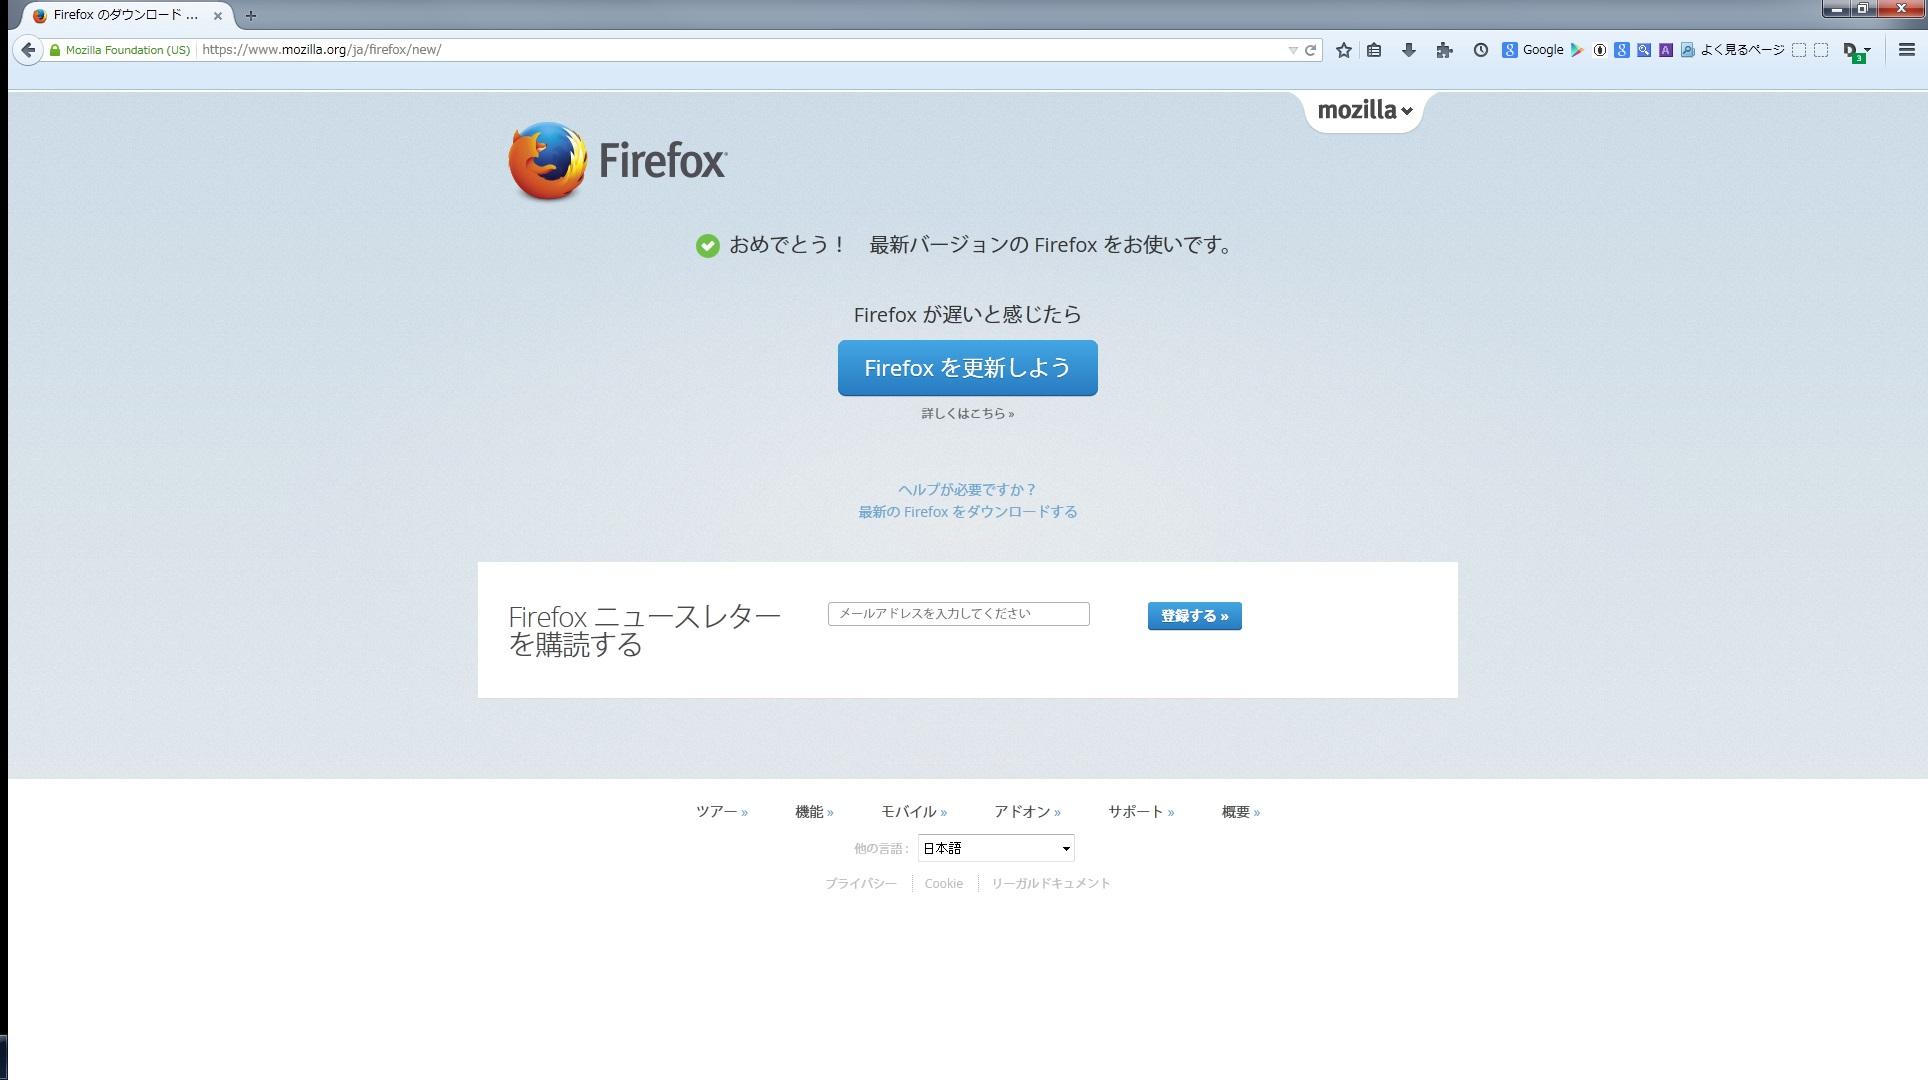 http://f.st-hatena.com/images/fotolife/a/aicezuki2014/20150417/20150417084132_original.jpg?1429228209